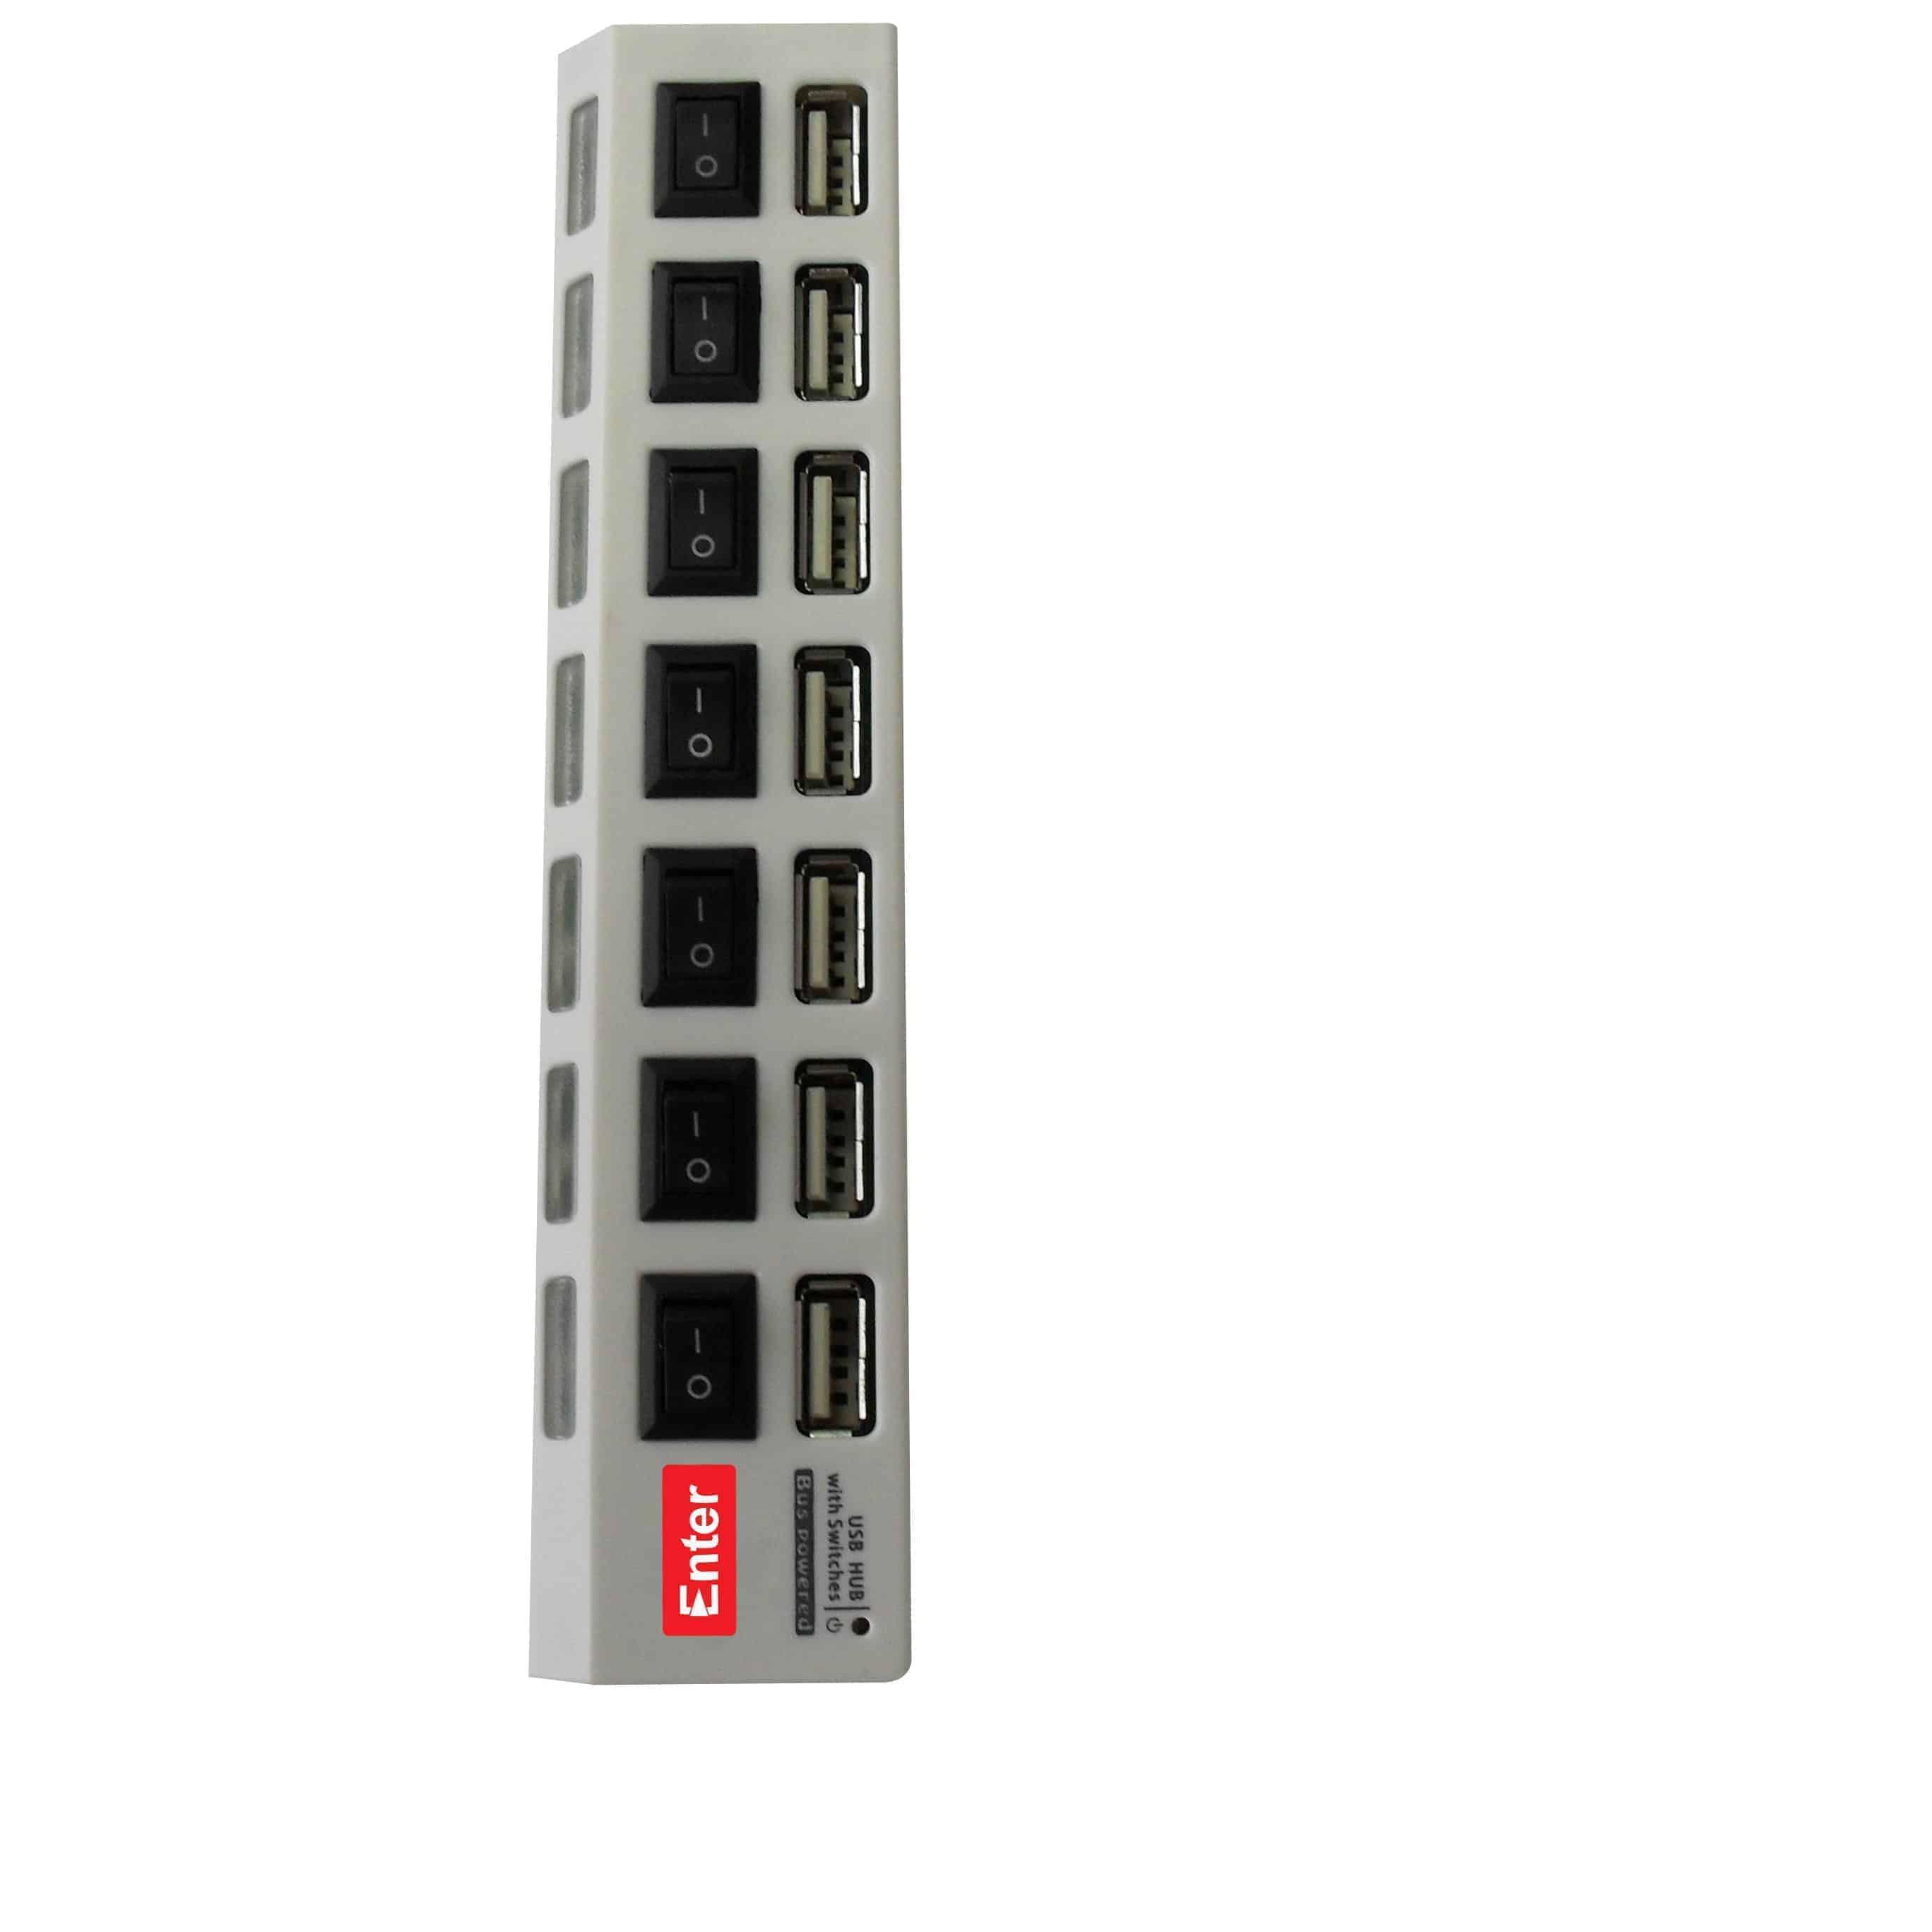 USB 7 Port Hub 2, Enter - USB HUB MU-HUB4PO-003 USB(2.0) 4 Port HUB E-U4P satyamfilm.com kartmy.com